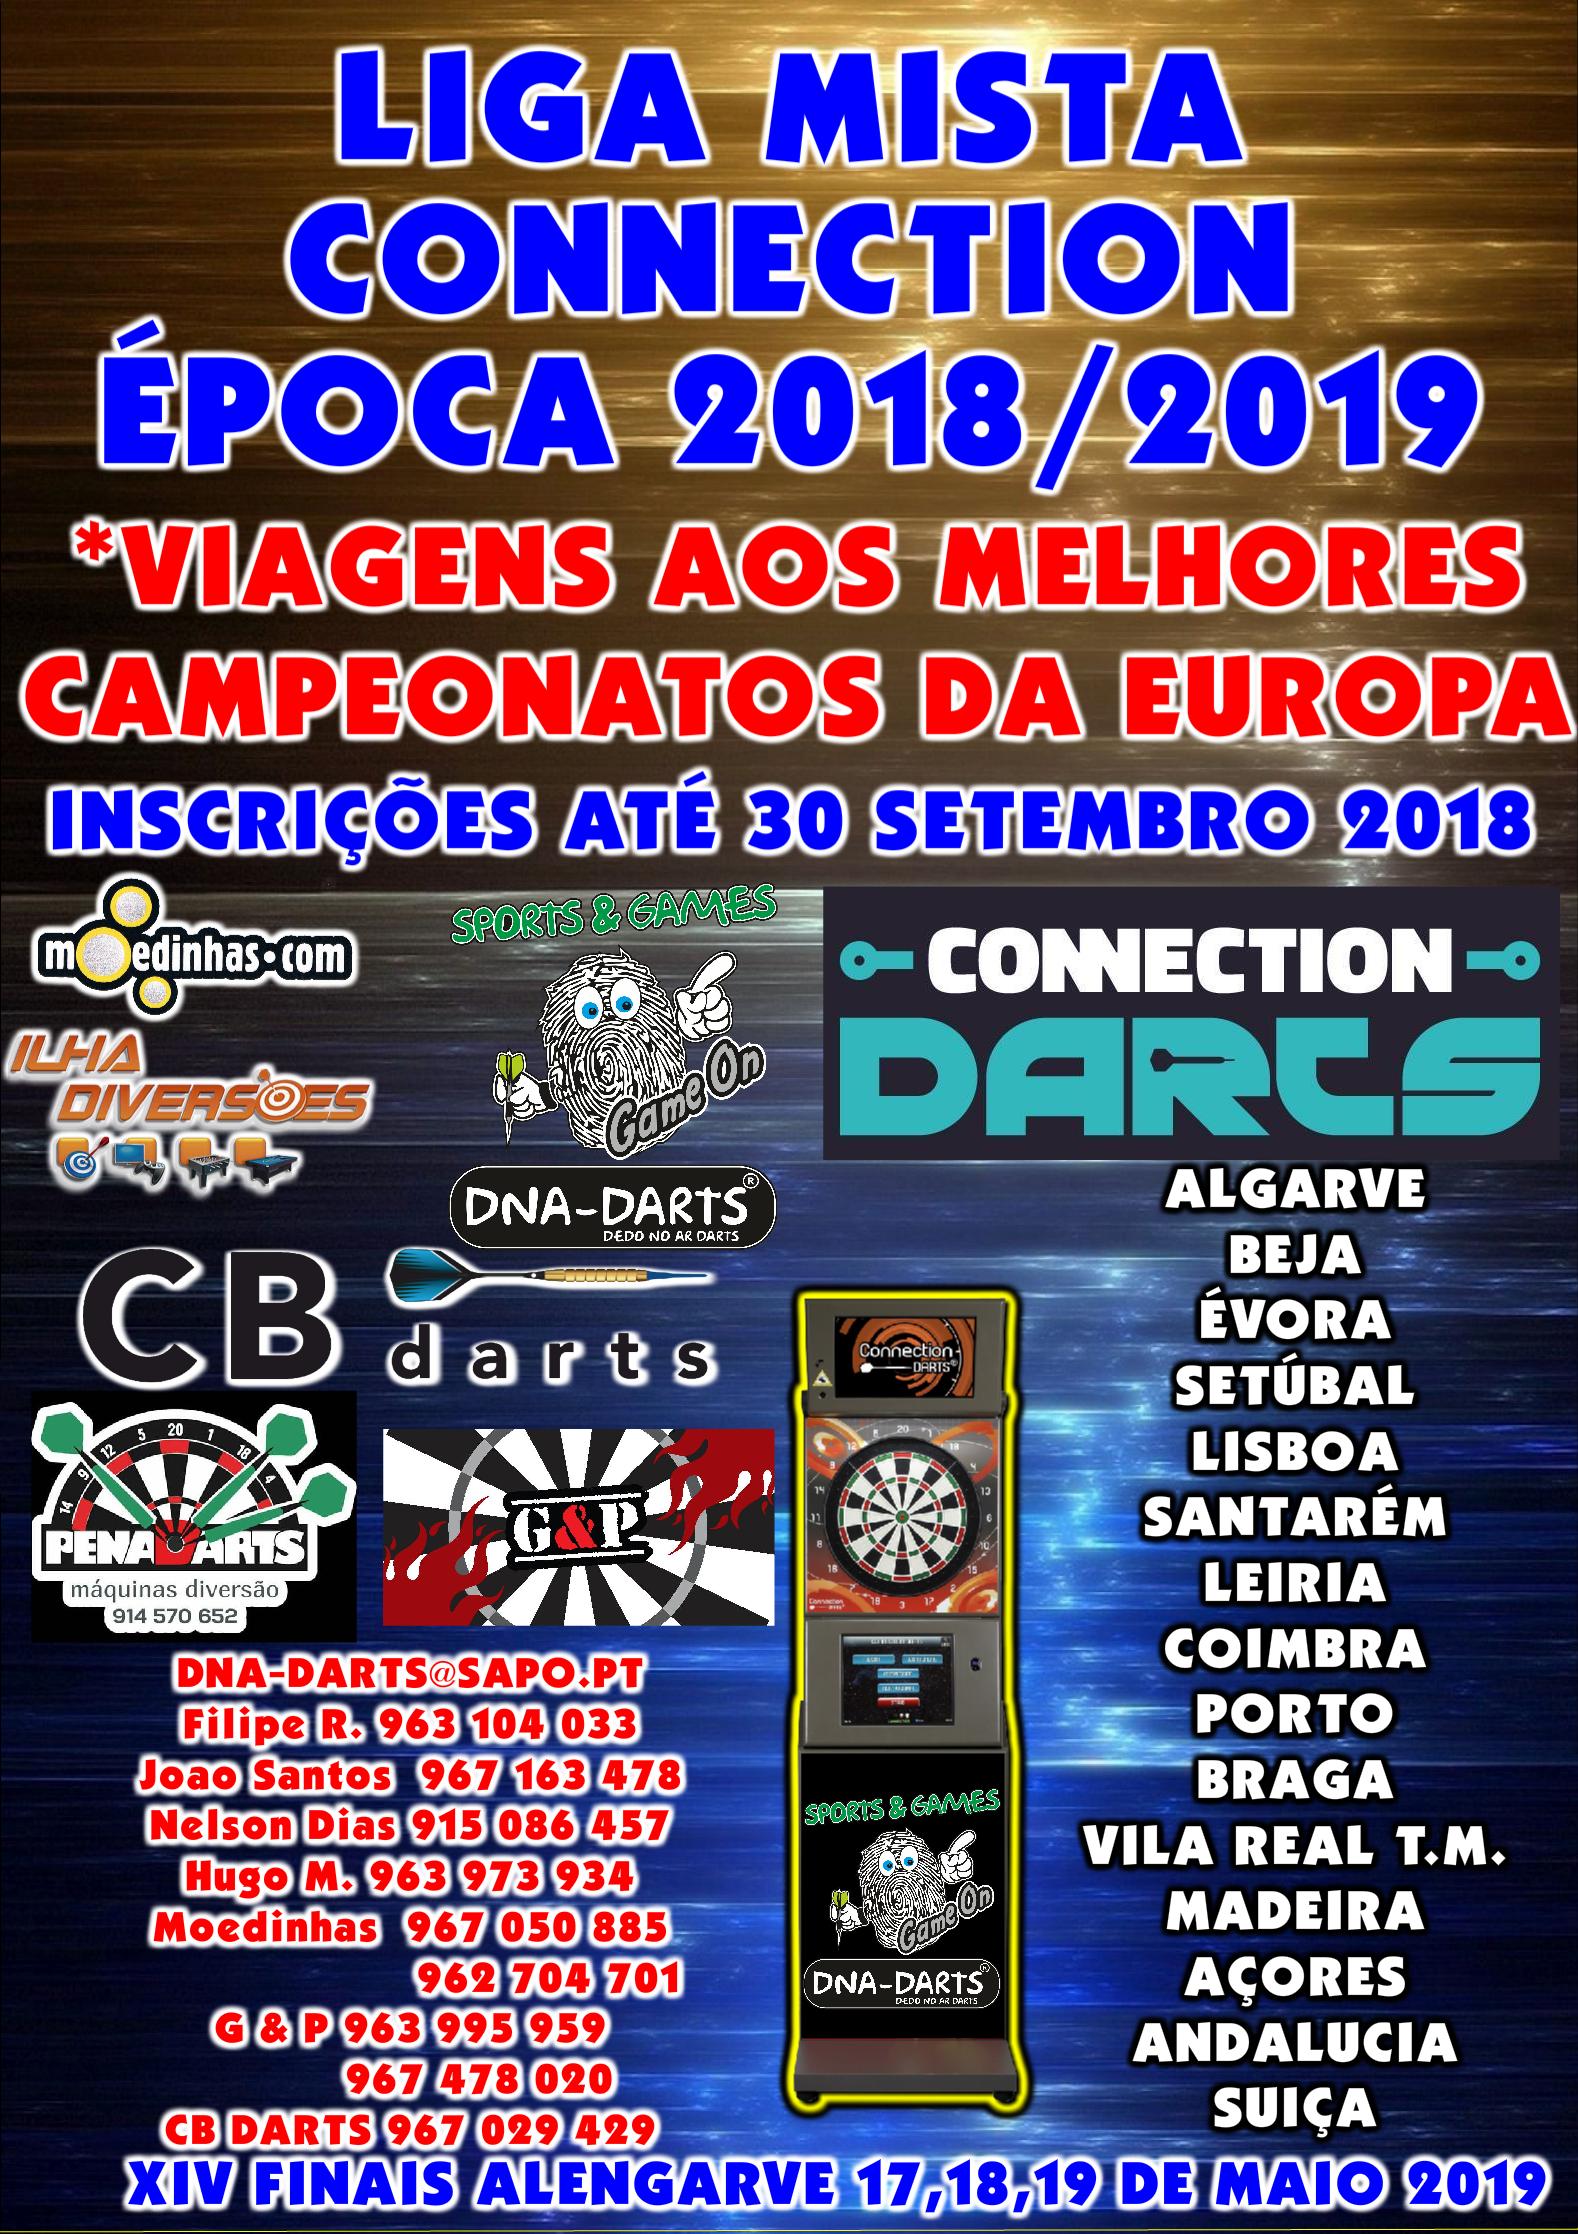 LIGA MISTA CONNECTION ÉPOCA 2018/2019